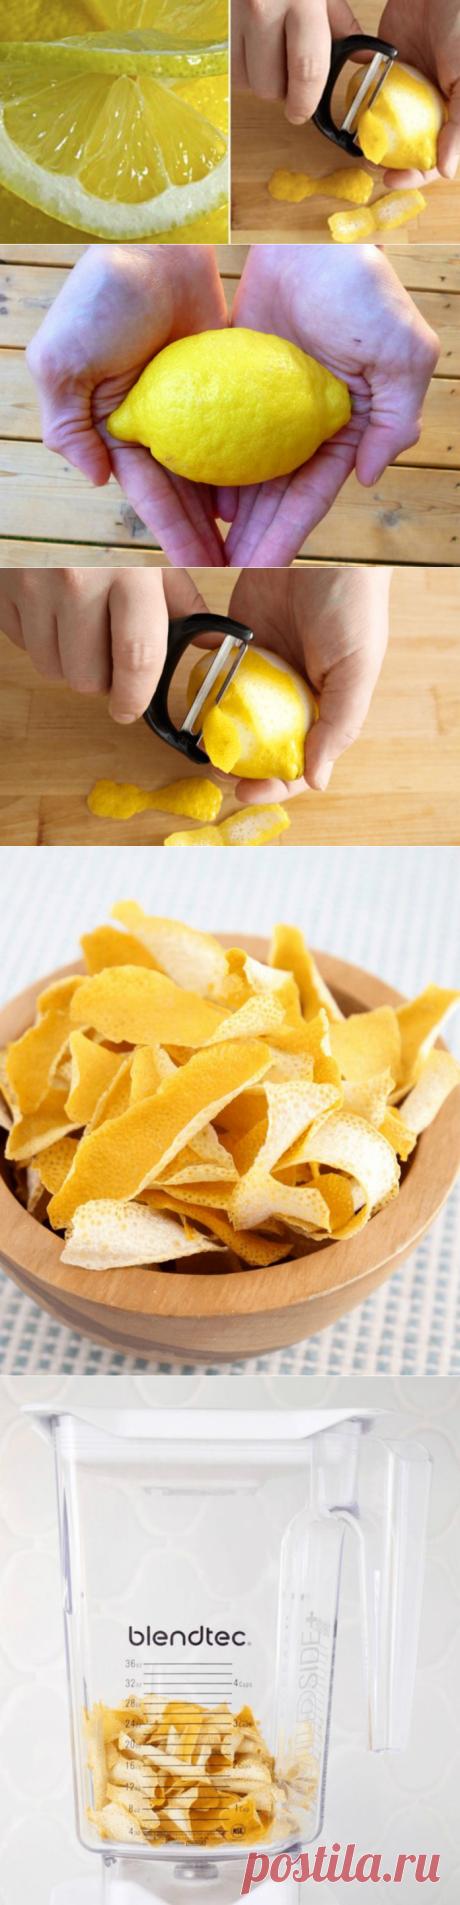 ¡Ahora siempre compro a 1 limón más! ¡Este truco ha repartido el cocinero del restaurante italiano!